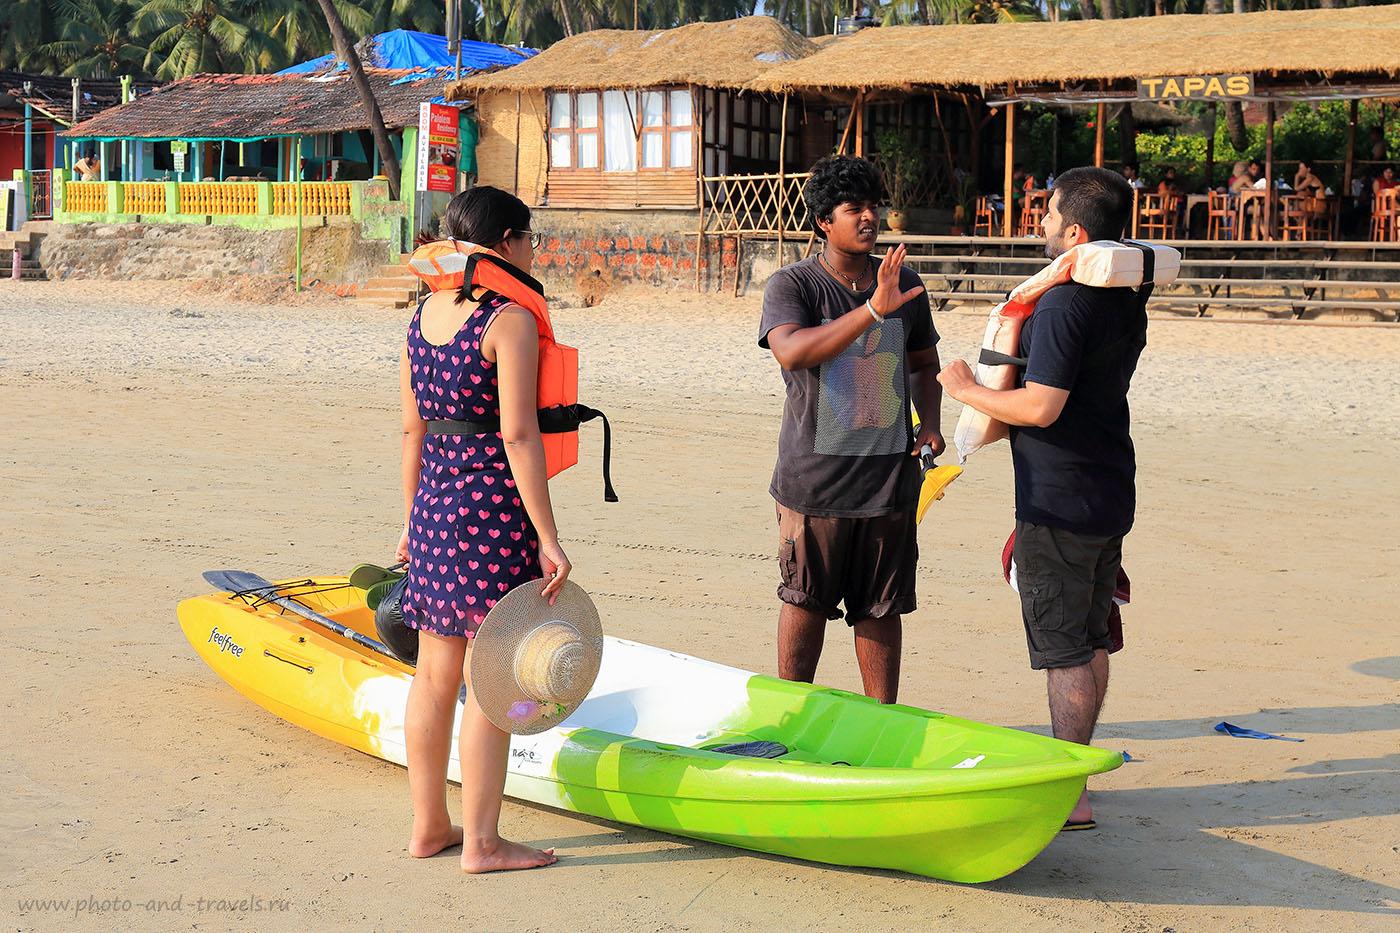 Фотография 7. Индийцы и море. Отзывы об отдыхе на пляже Палолем в Гоа в октябре. Самостоятельный тур в Индию (24-70, 1/125, 1eV, f9, 50mm, ISO 100)